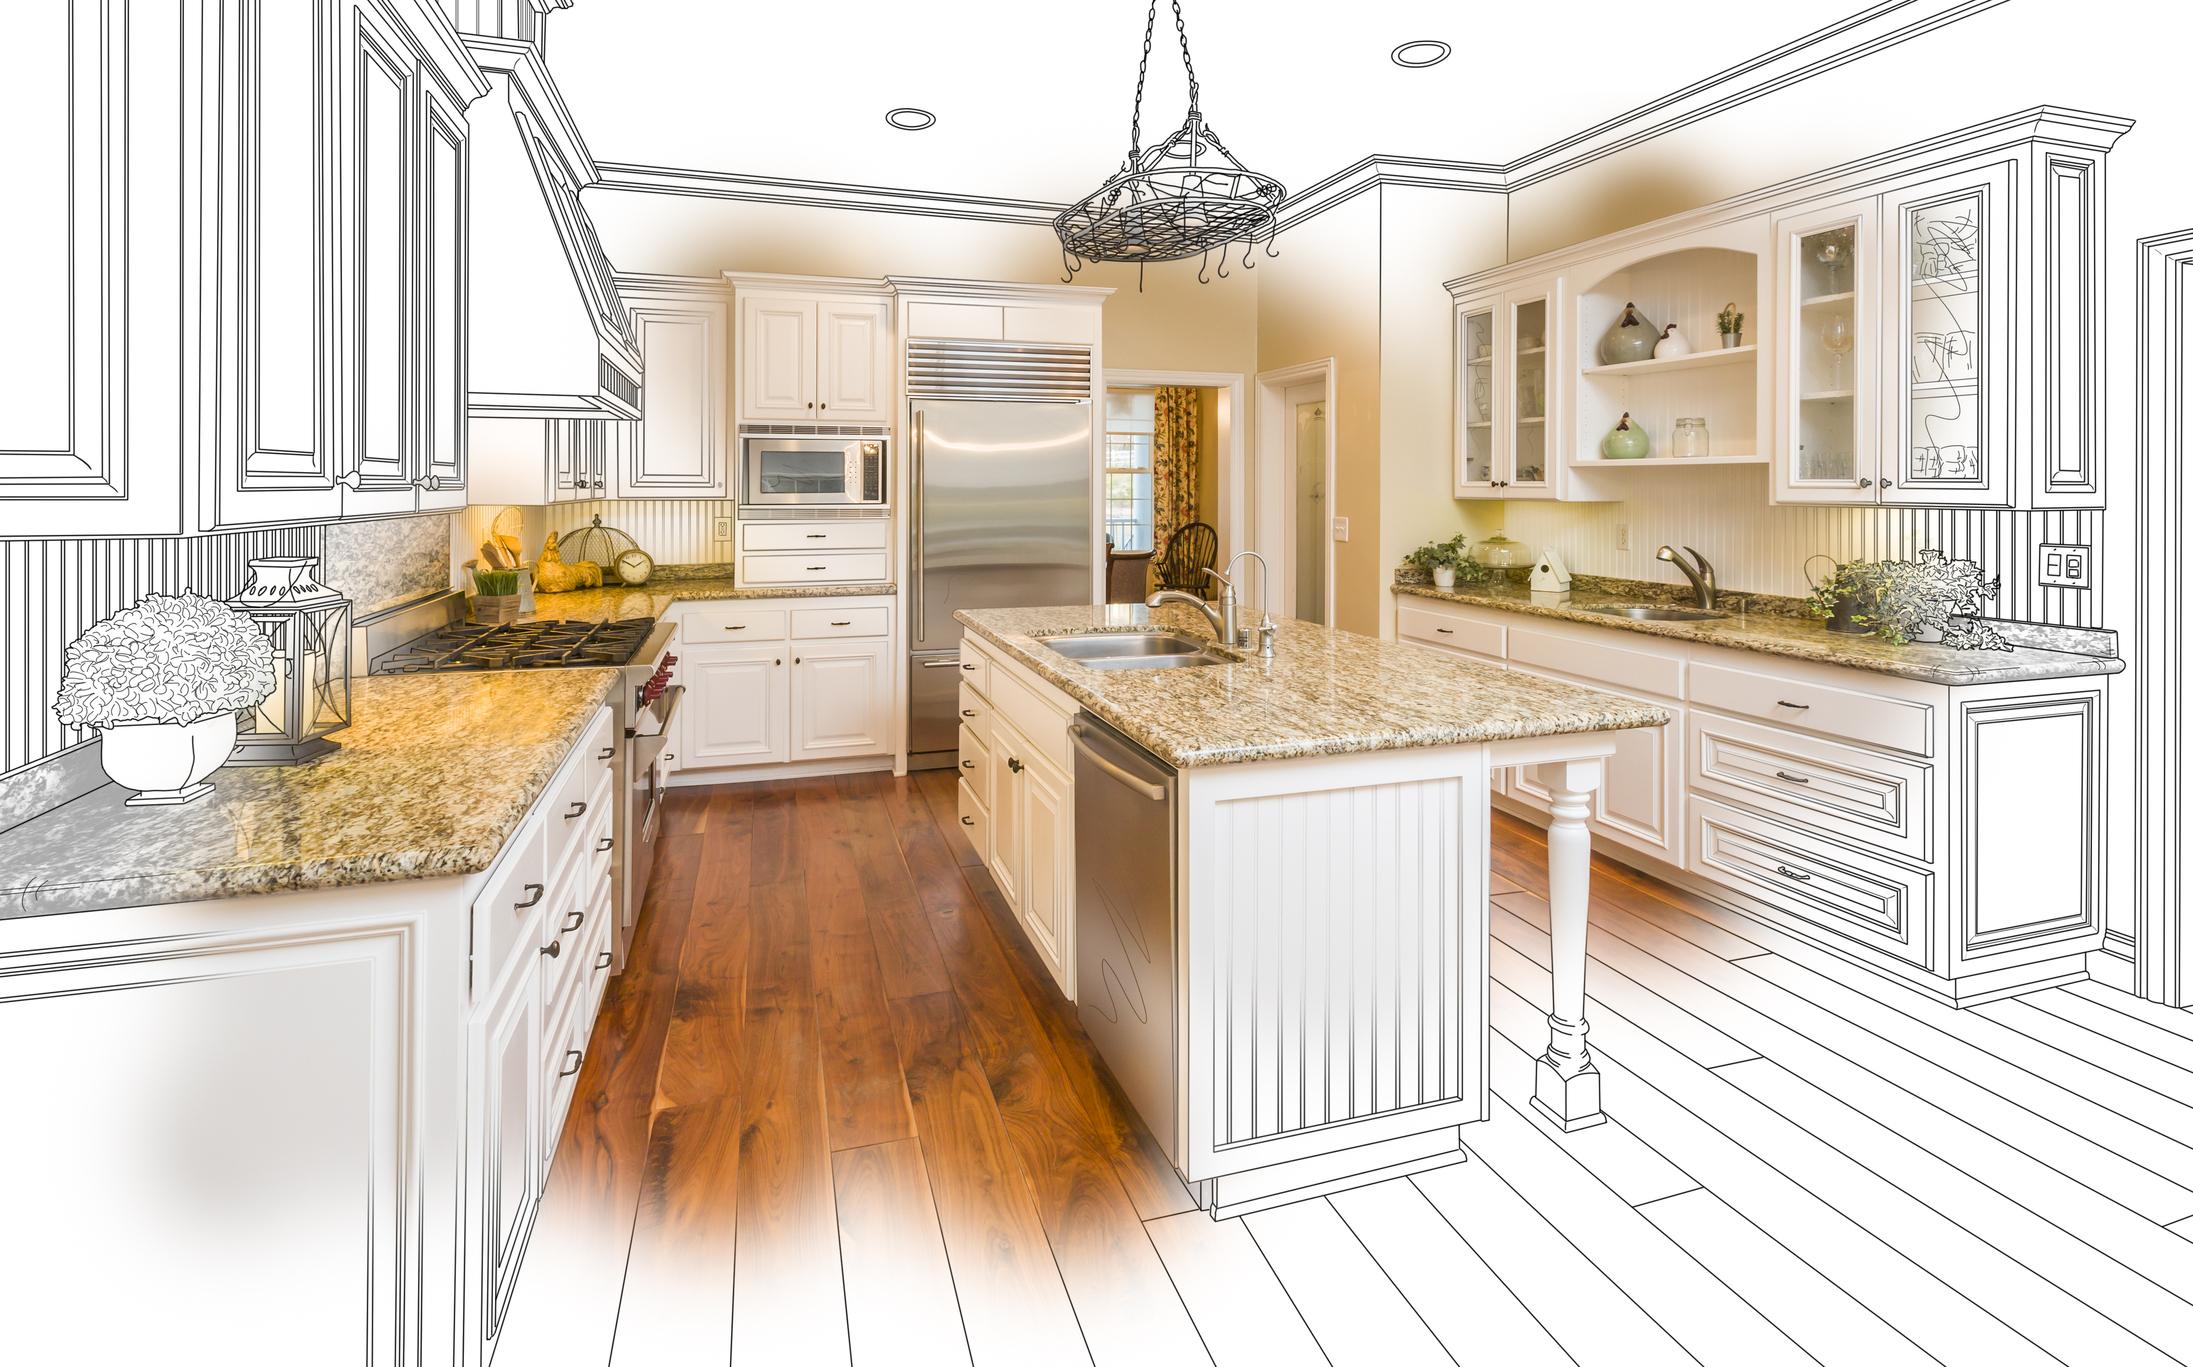 Brighten Up Your Kitchen In 3 Easy Steps